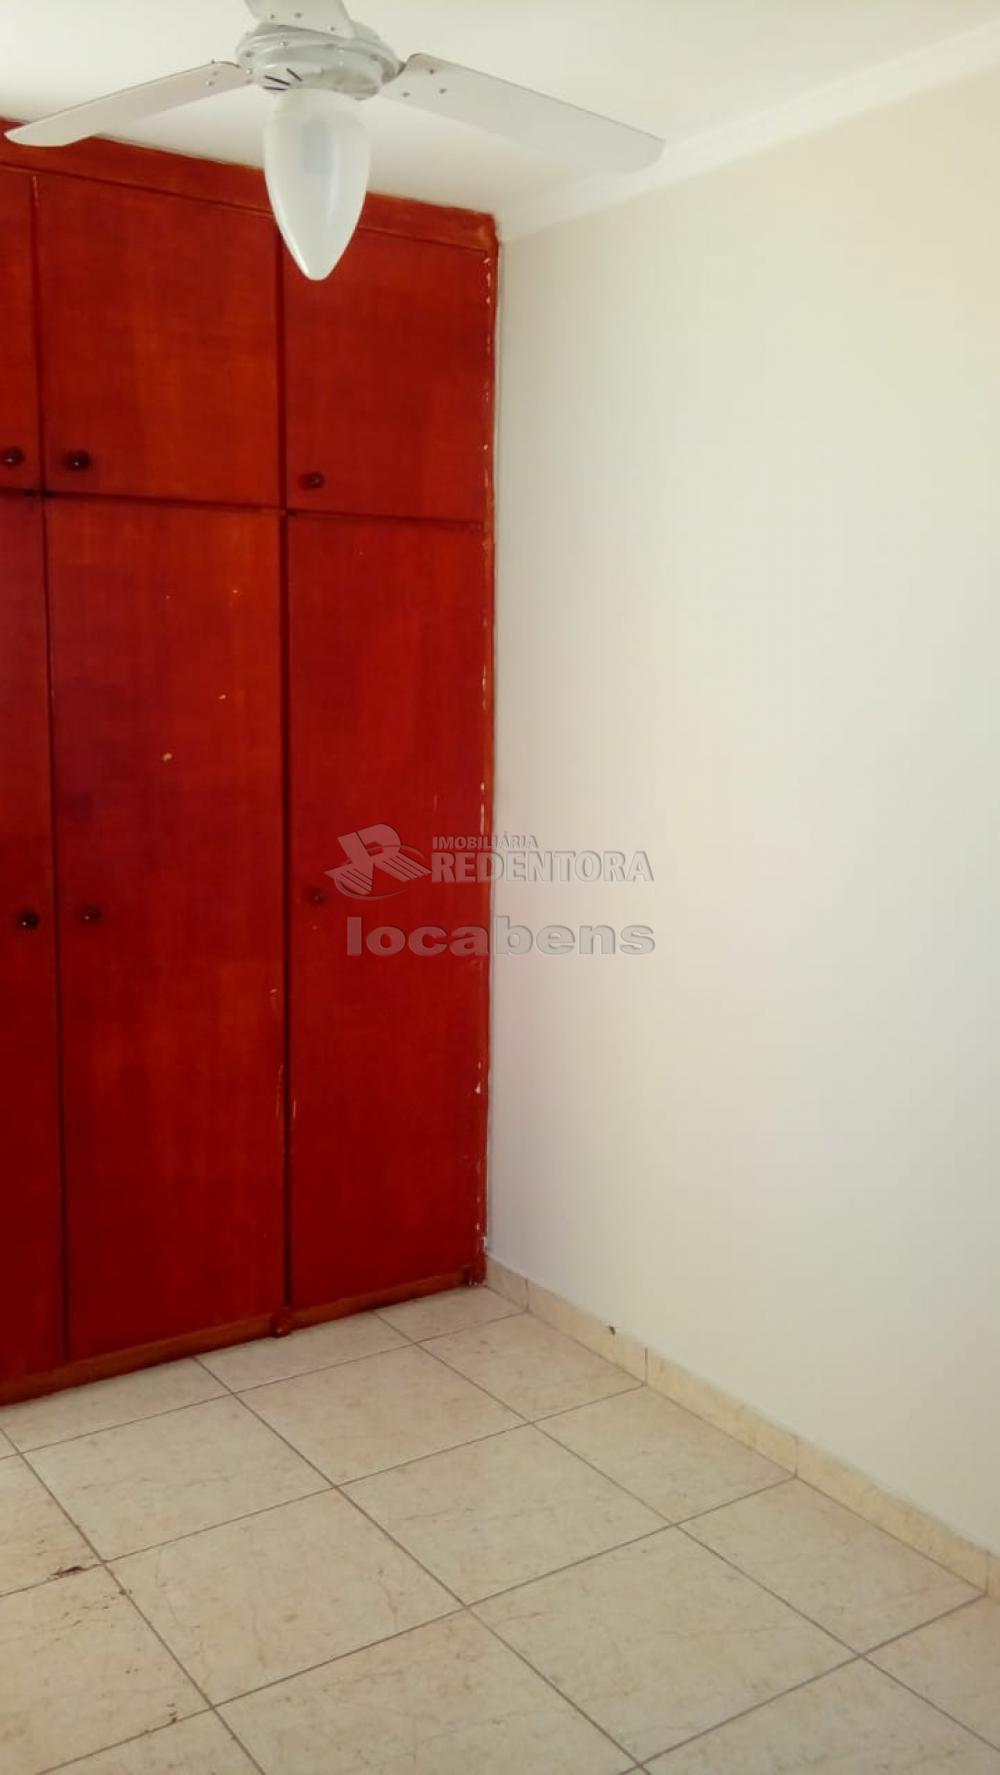 Comprar Apartamento / Padrão em São José do Rio Preto R$ 145.000,00 - Foto 5